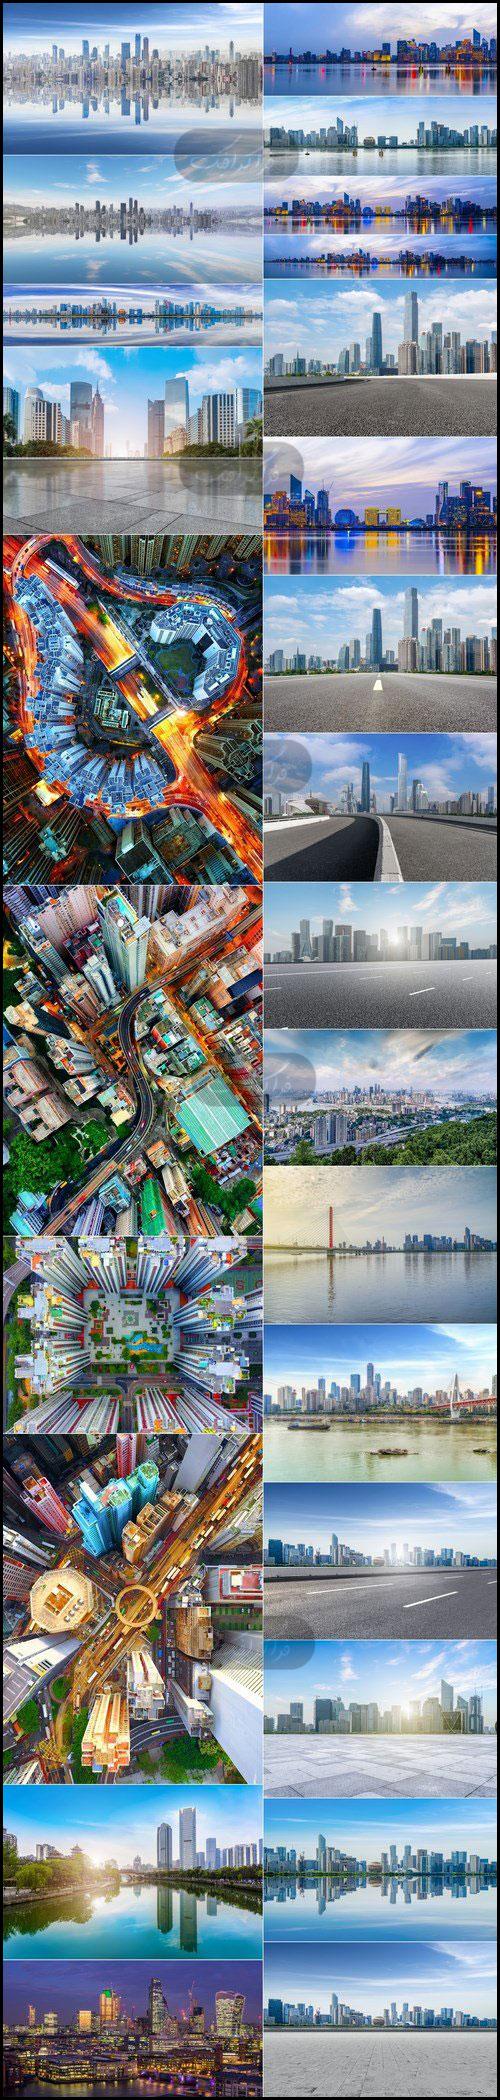 دانلود تصاویر استوک معماری مدرن شهری